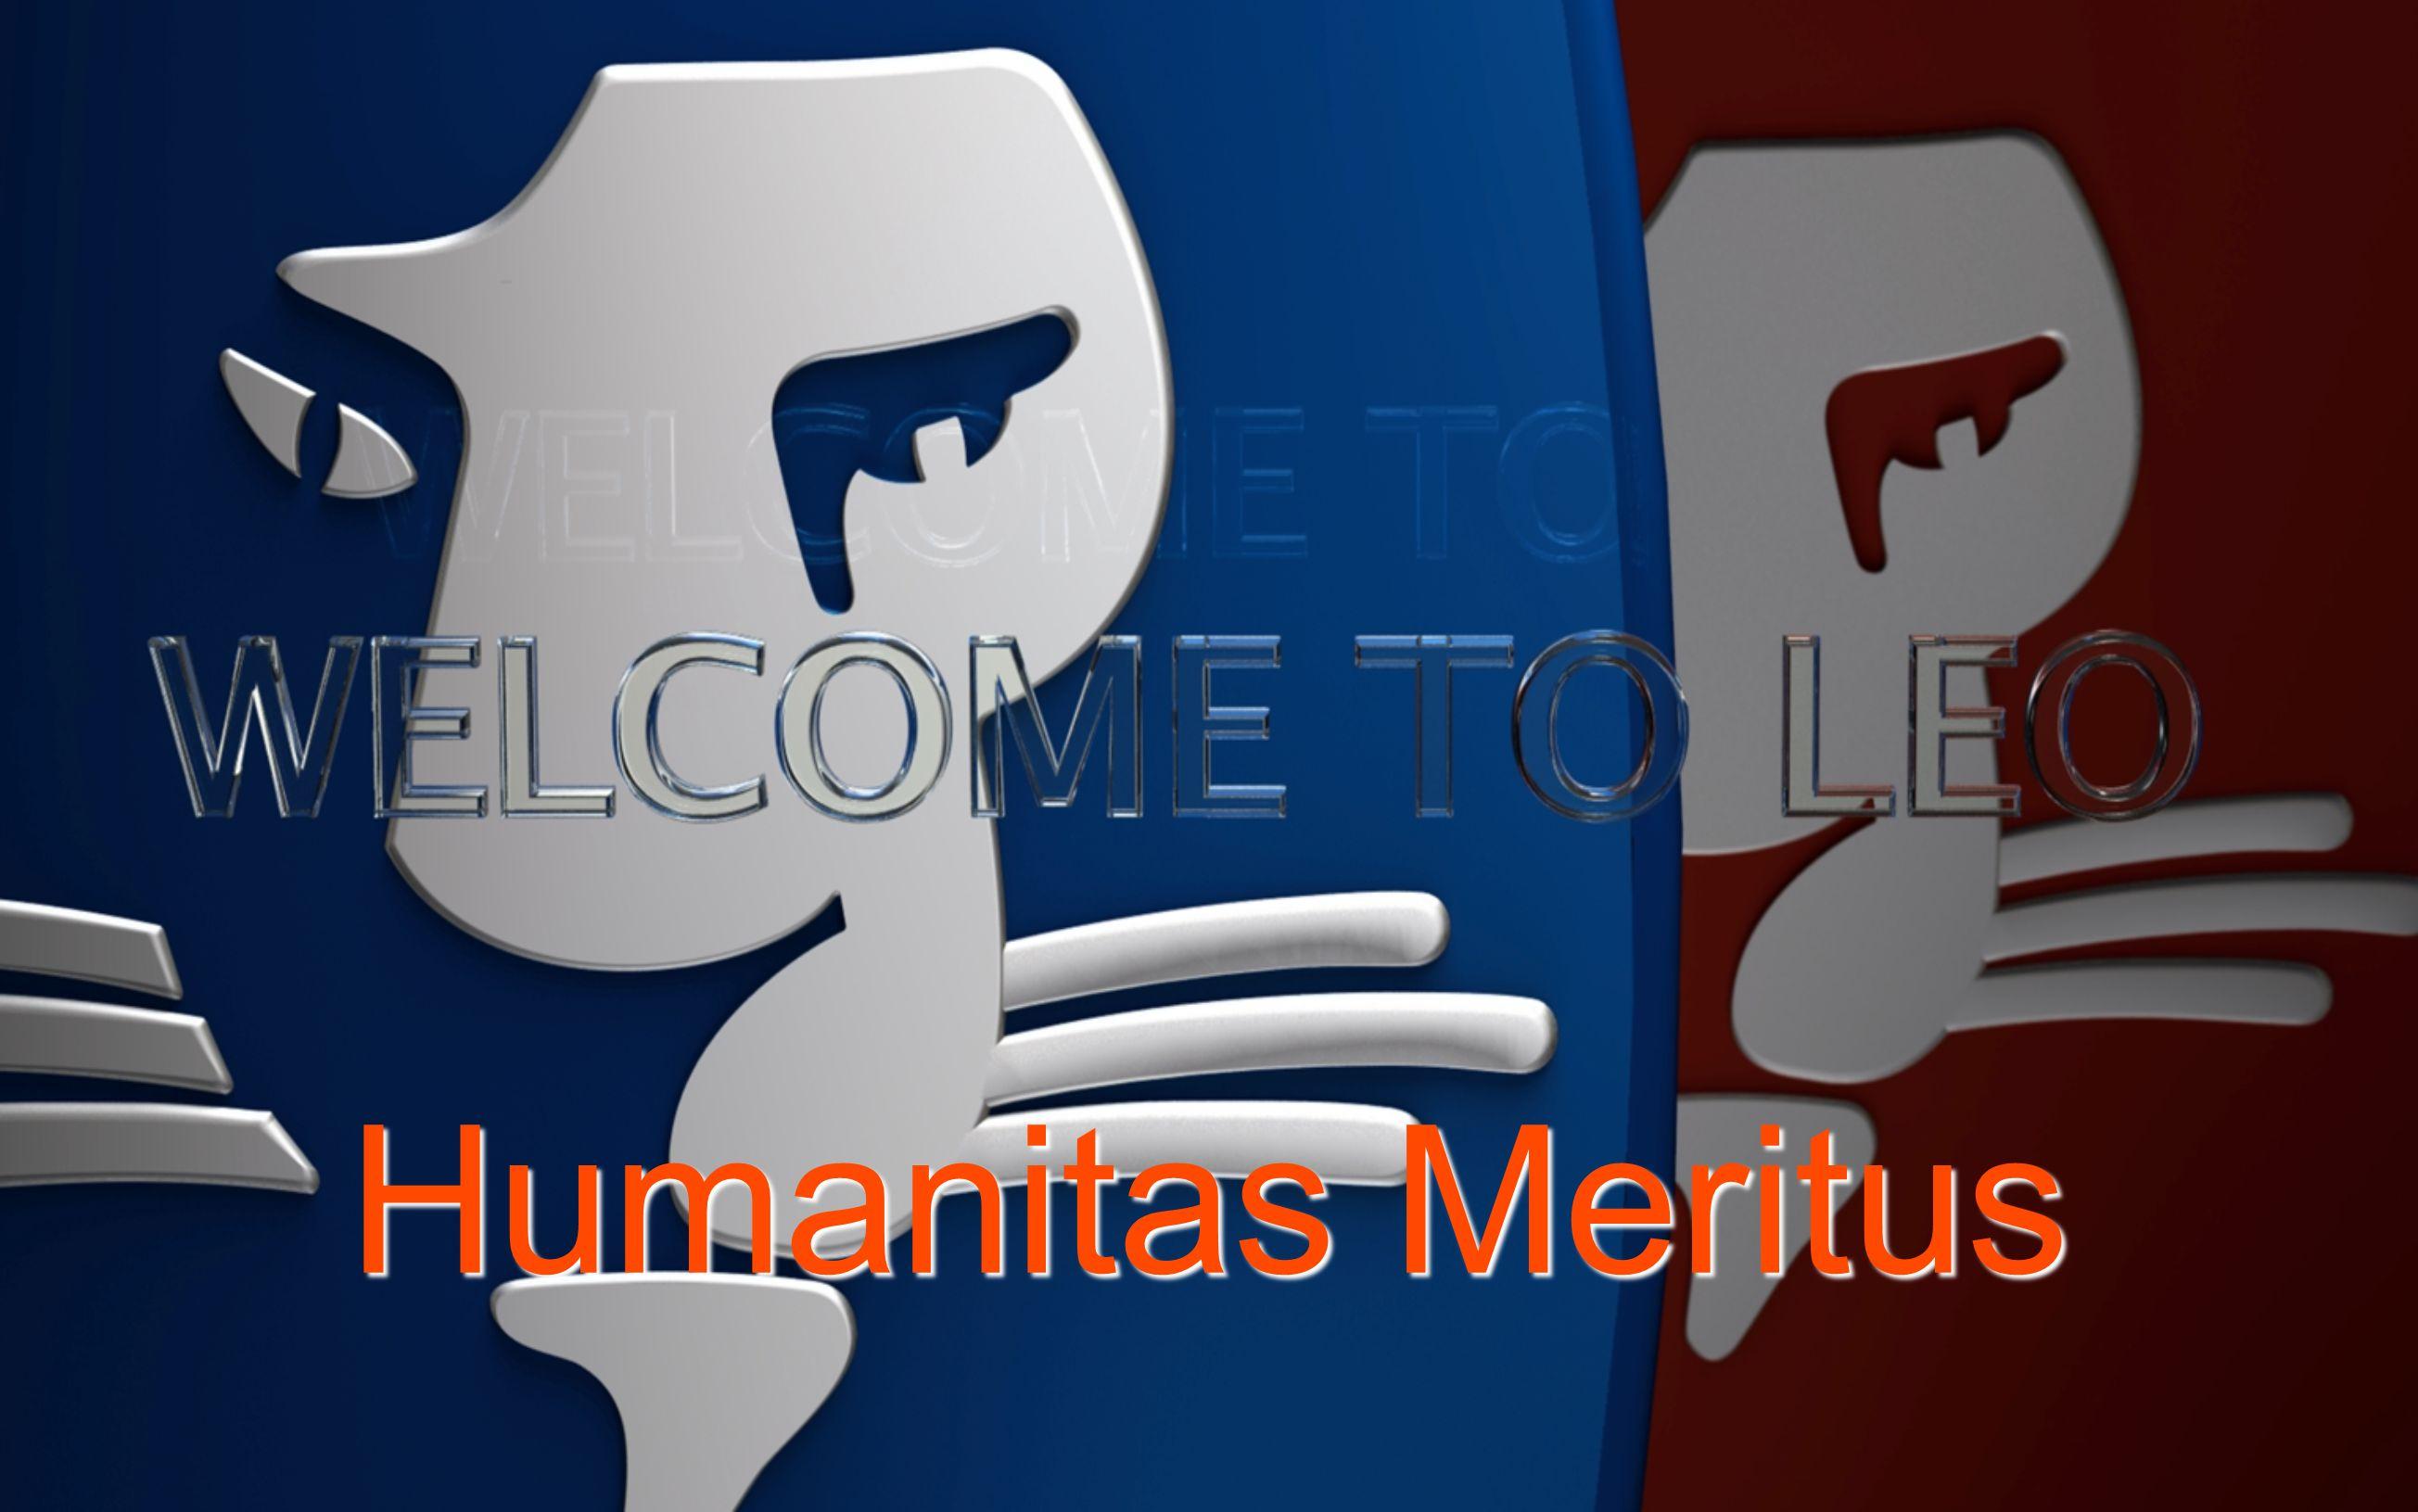 Humanitas Meritus